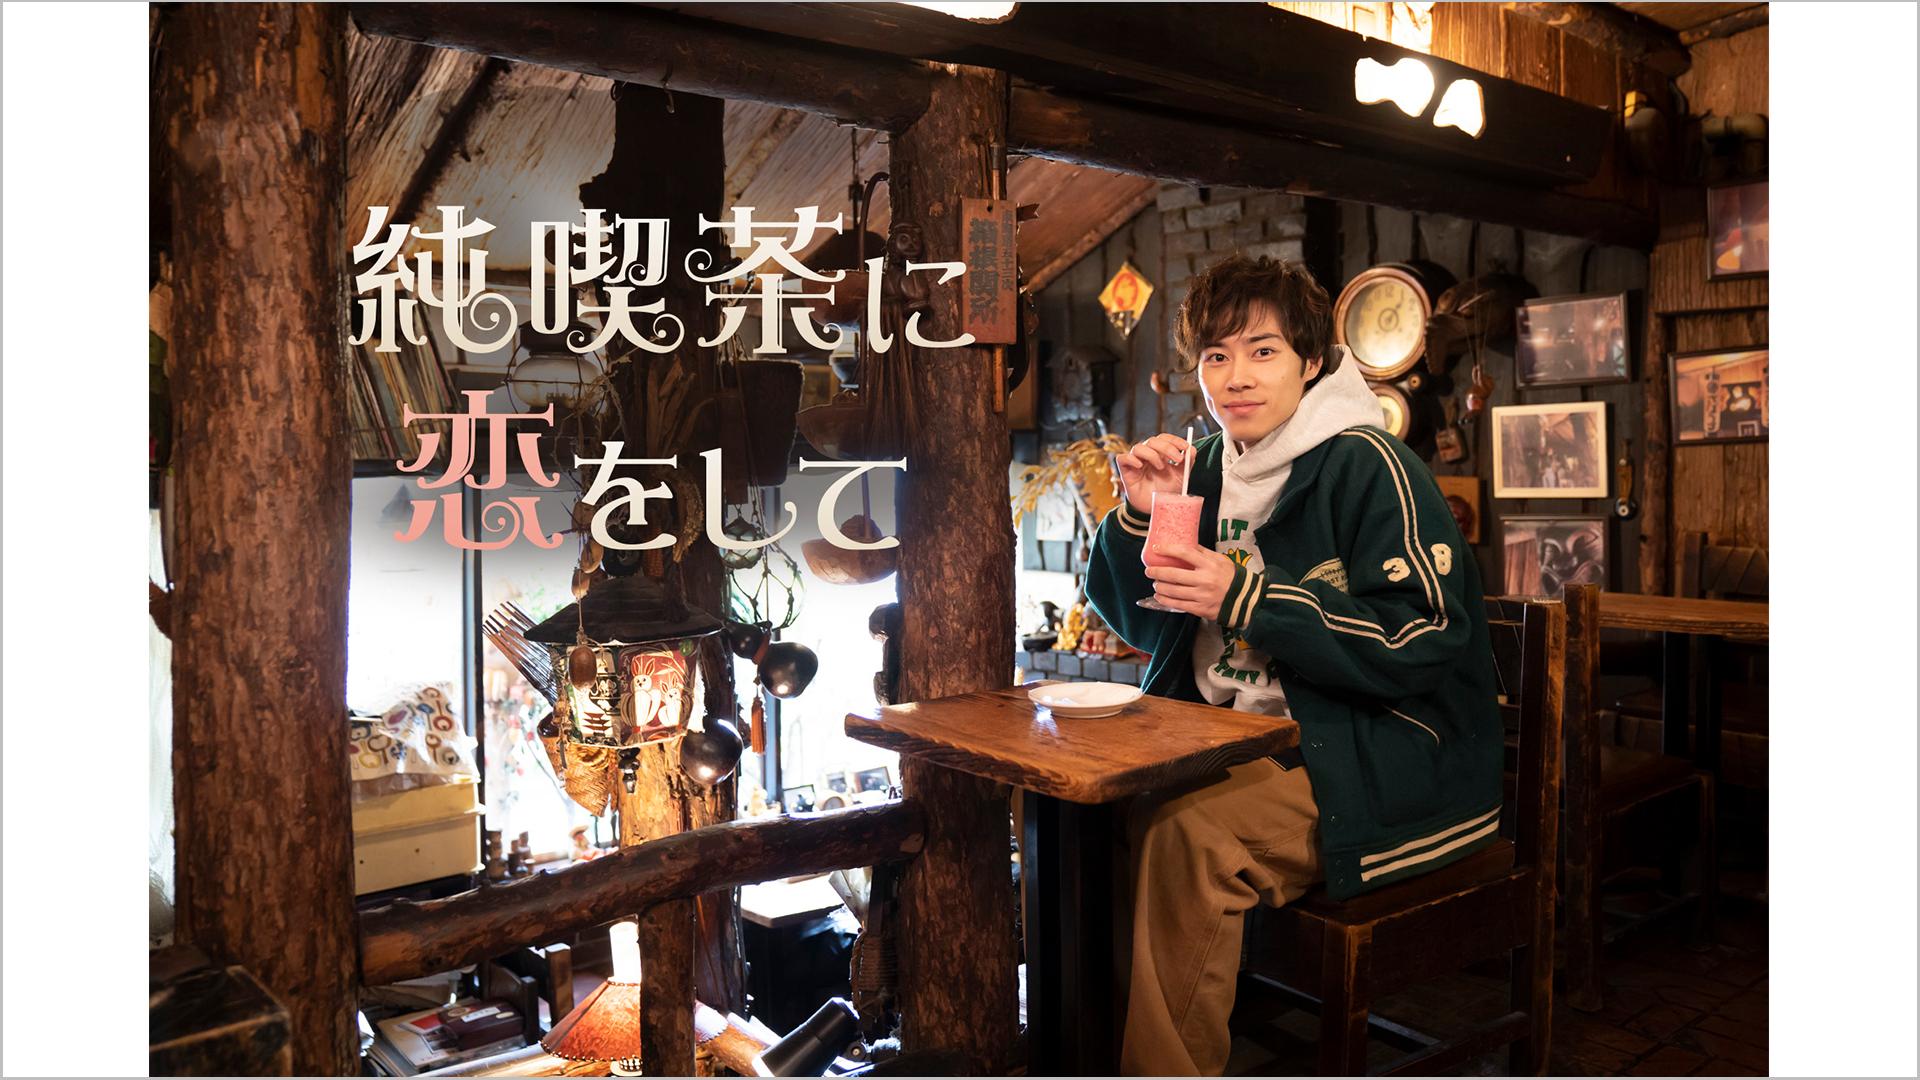 純喫茶に恋をして #2 阿佐ヶ谷「gion」